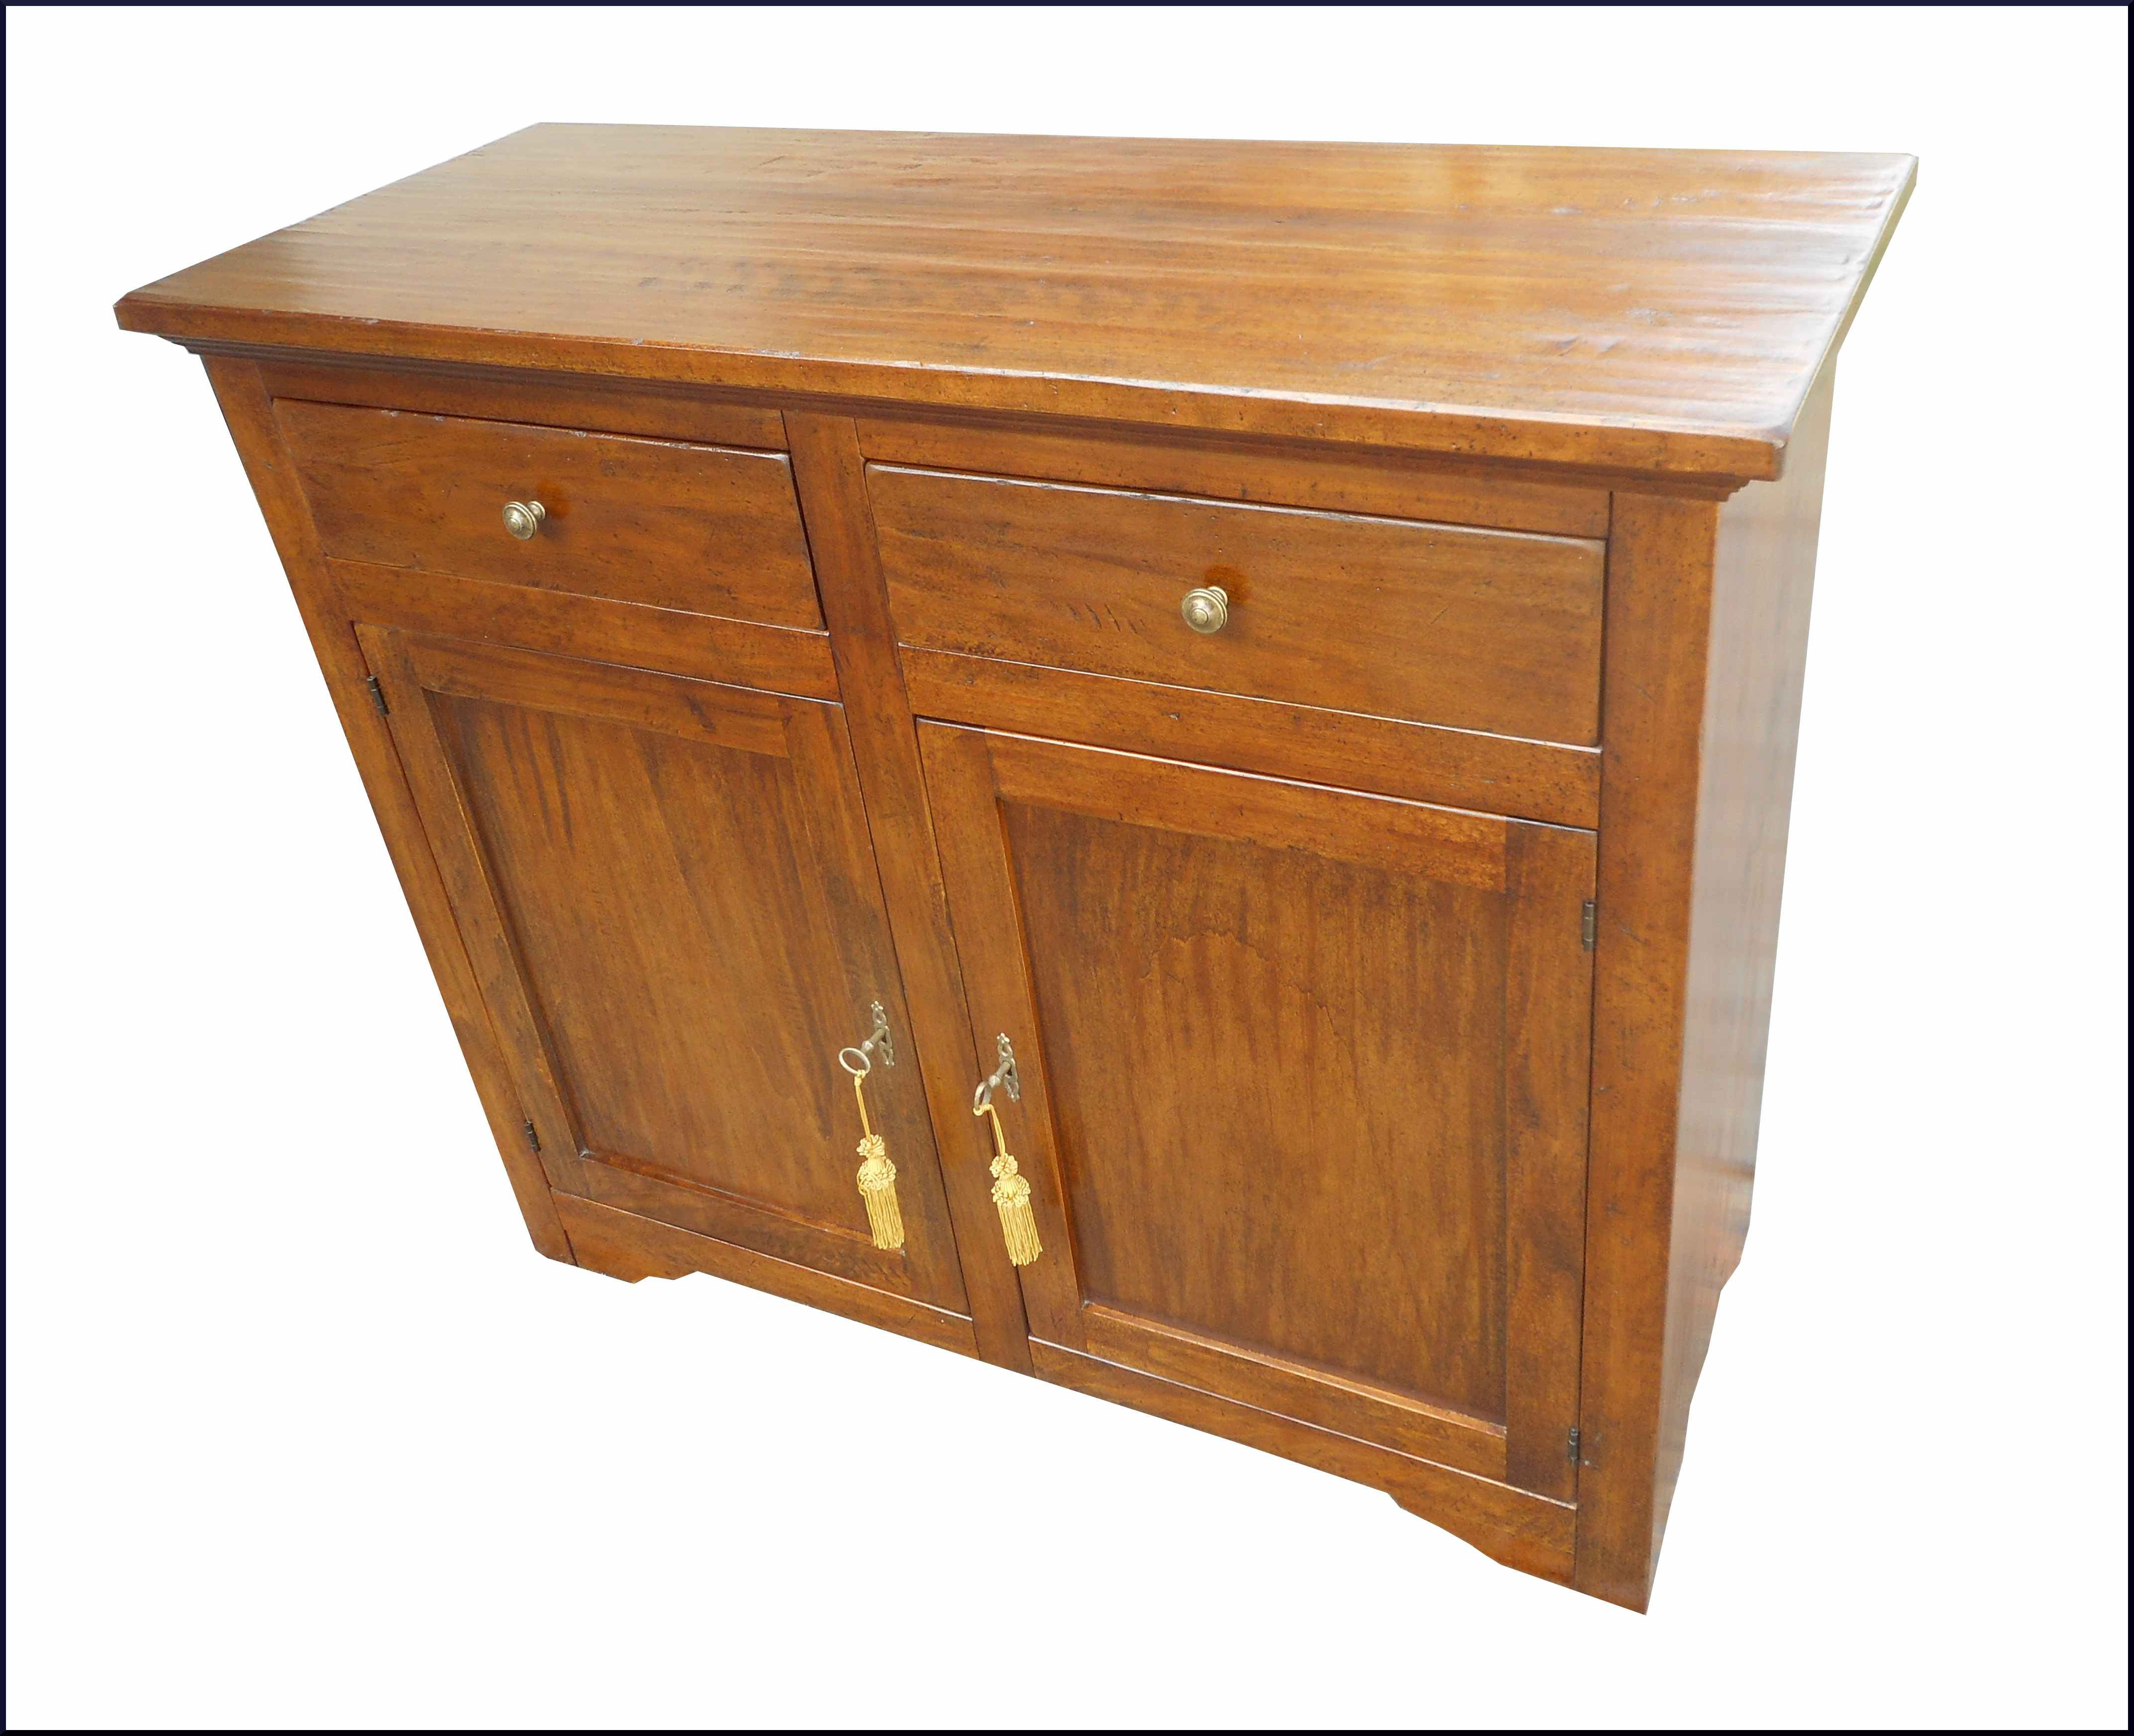 Credenza Legno Rustica : Particolare credenza rustica in legno piallato e invecchiato con